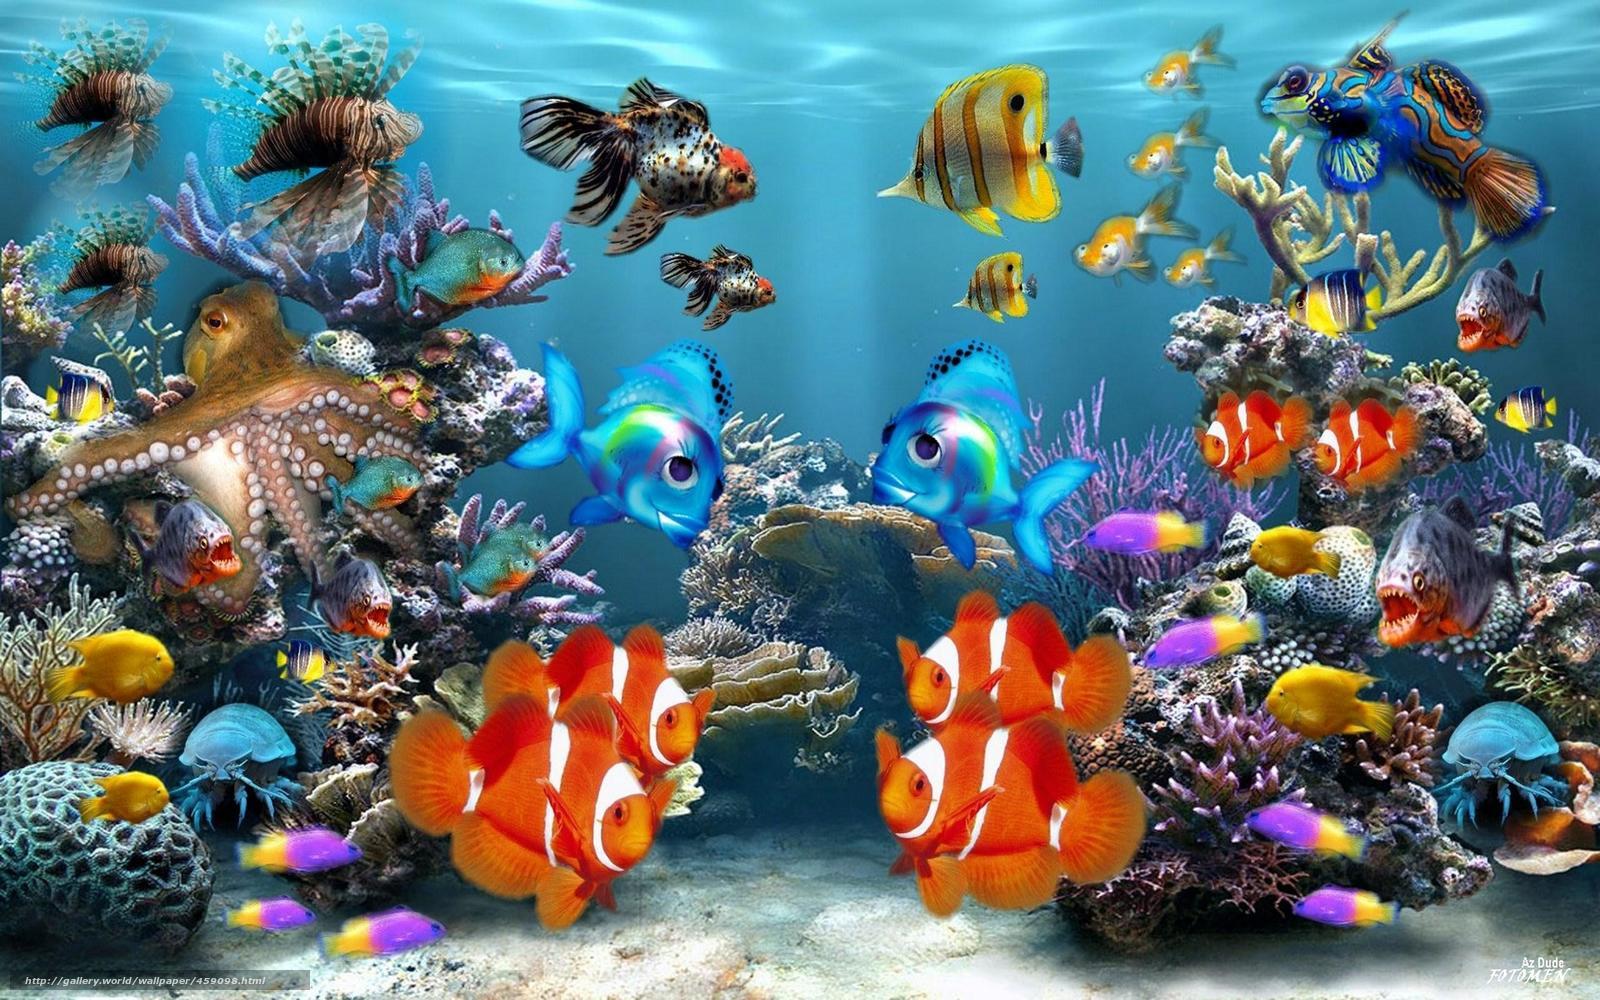 fond d'ecran 3d poisson